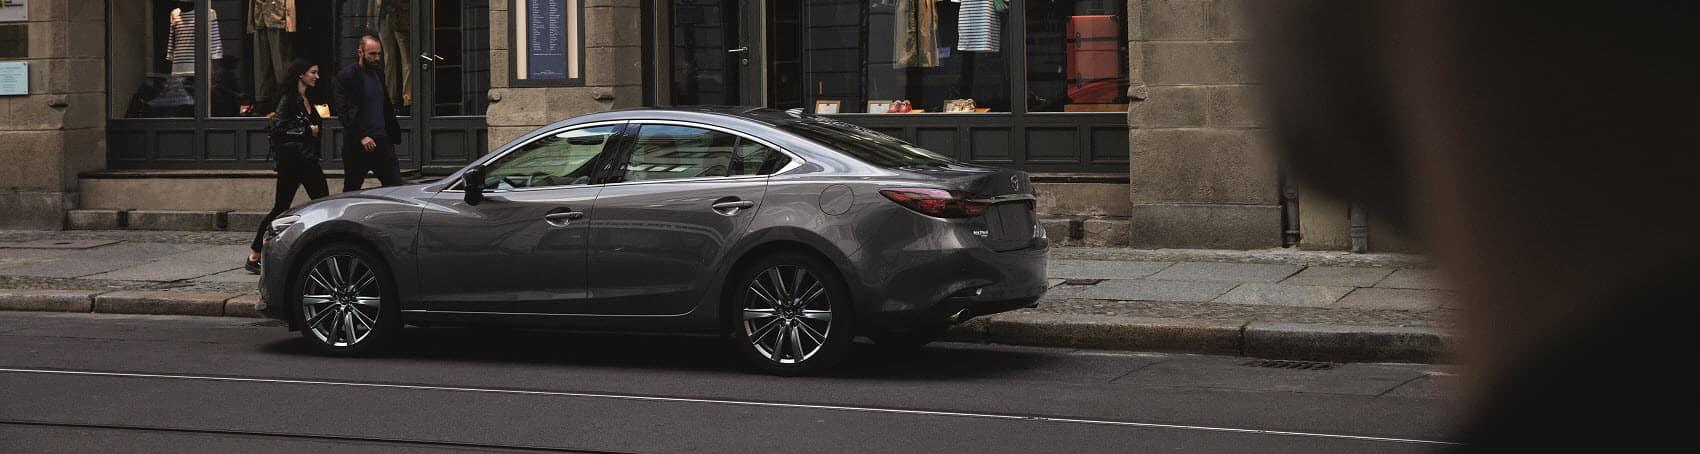 2020 Mazda6 Side